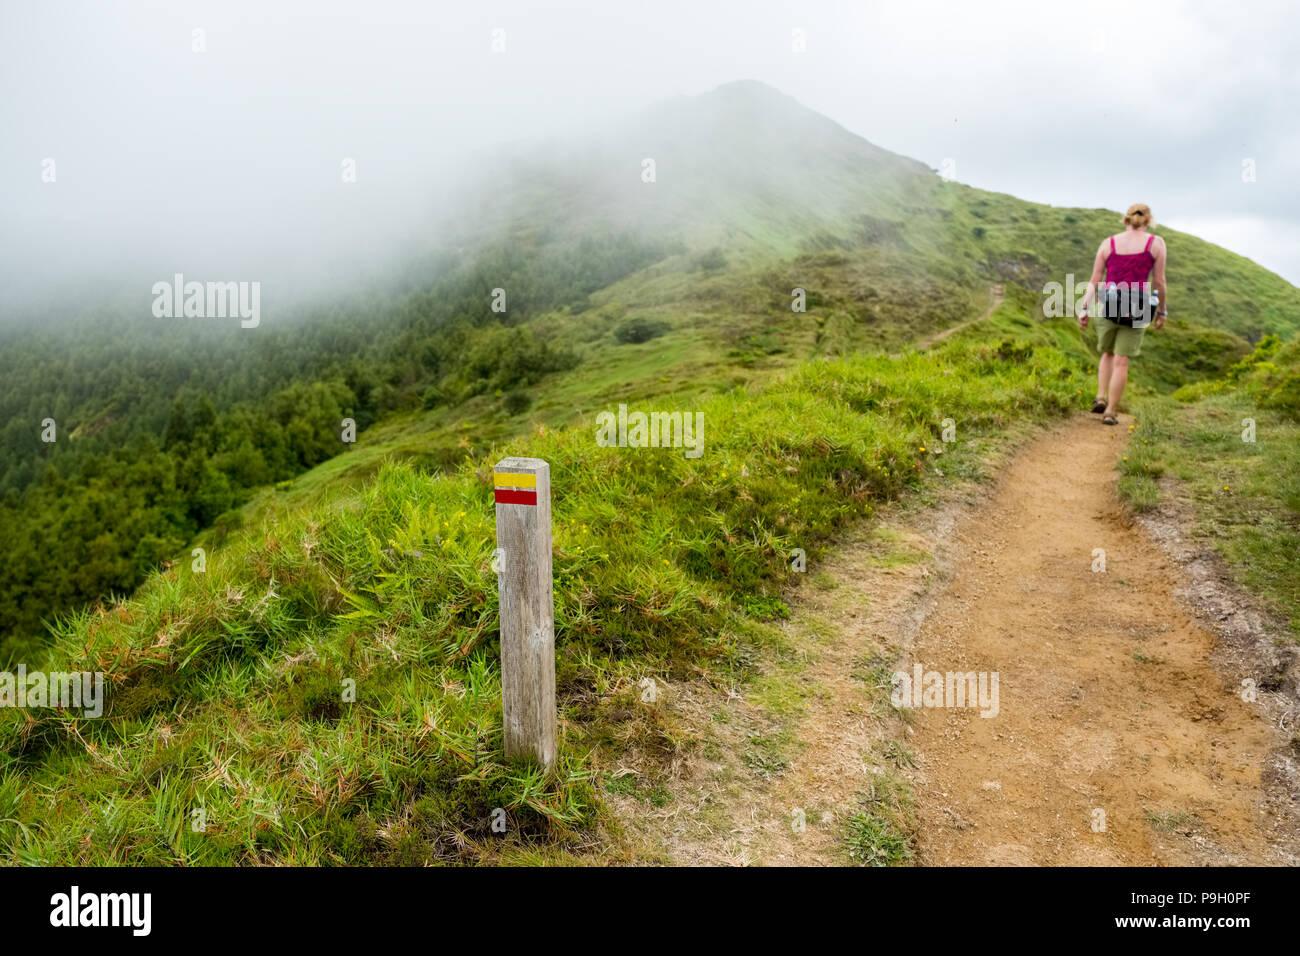 Weibliche Walker auf den Weg an den Hängen des Pico da Vara, der höchste Punkt auf Sao Miguel, Azoren Stockbild